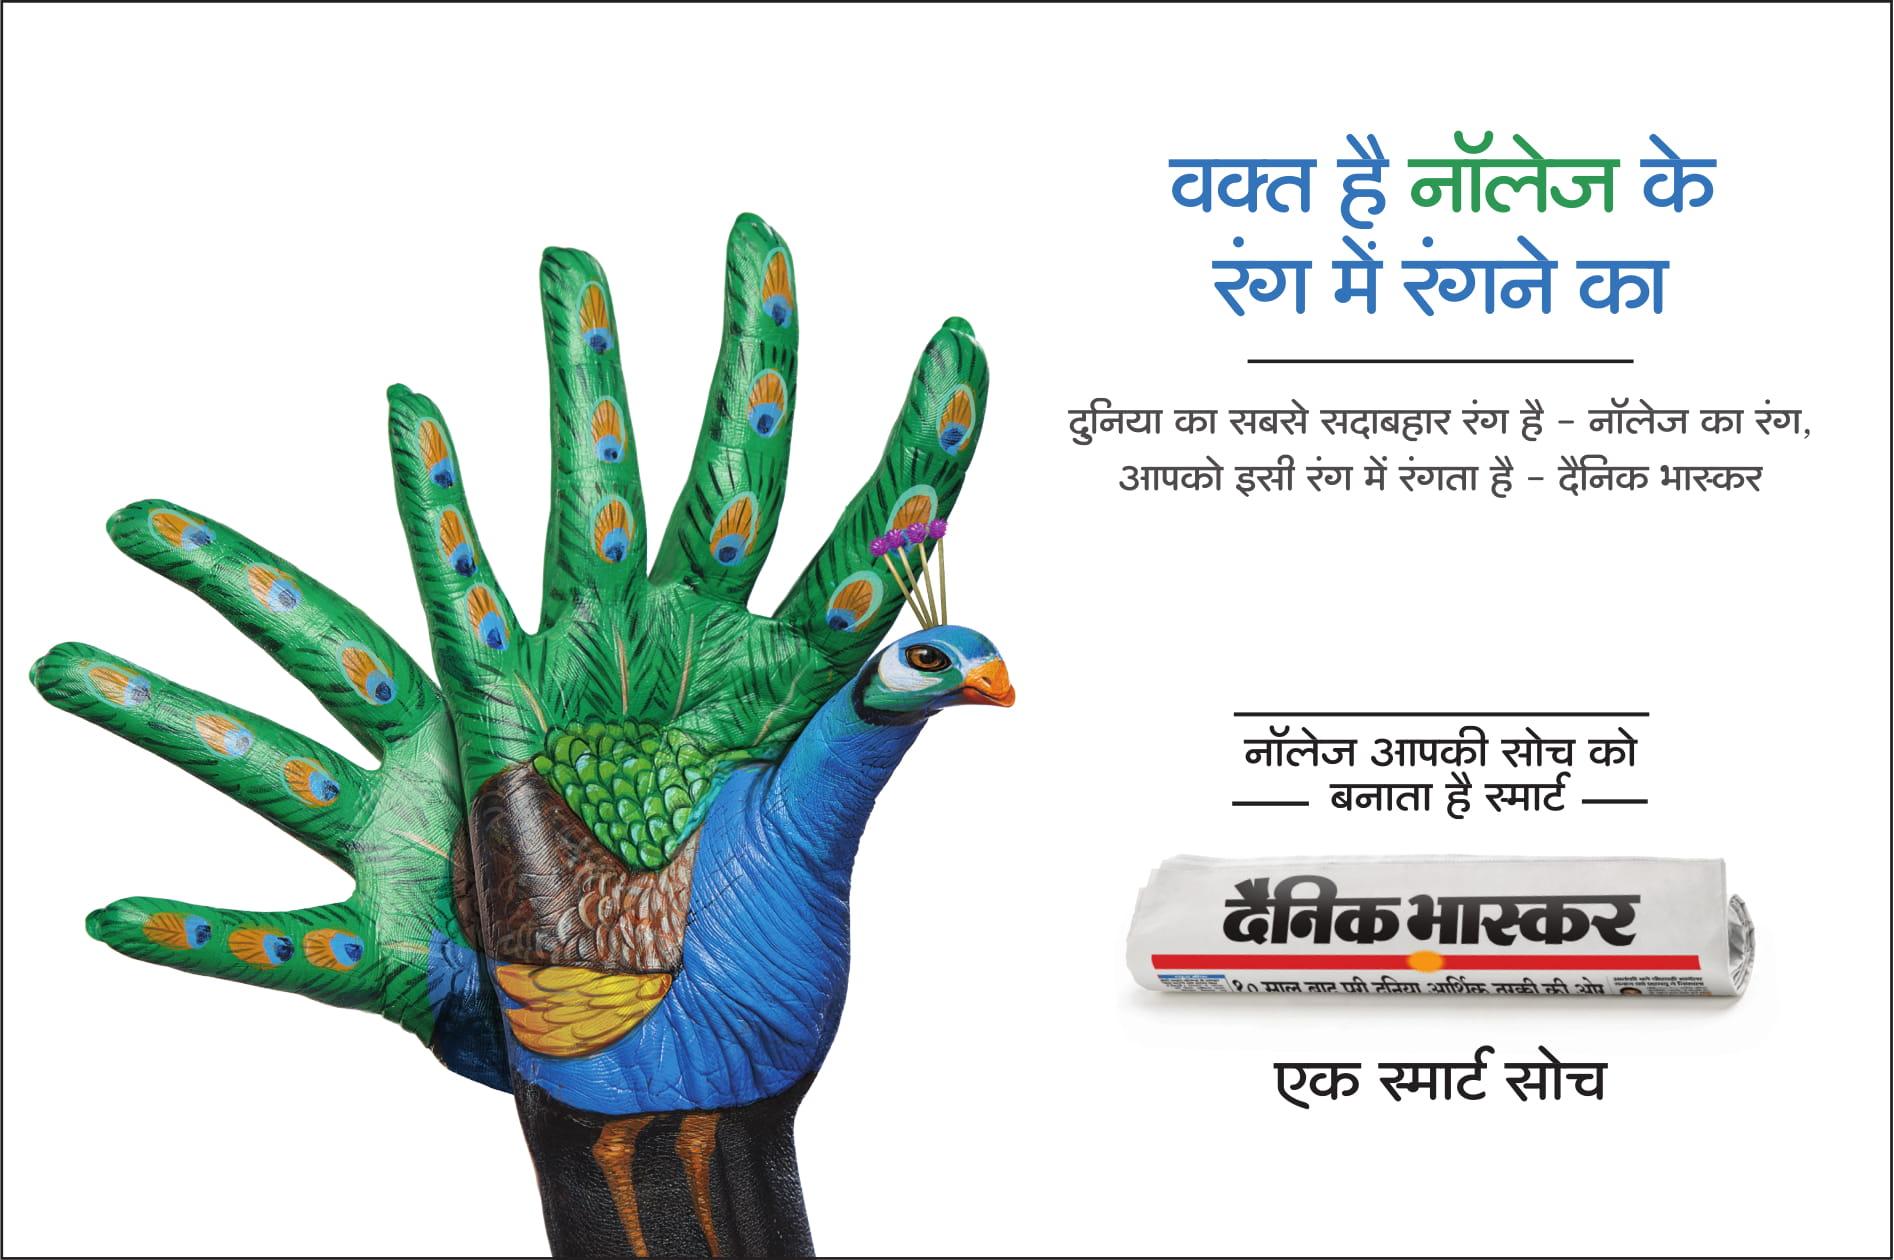 Smart Soch Campaign